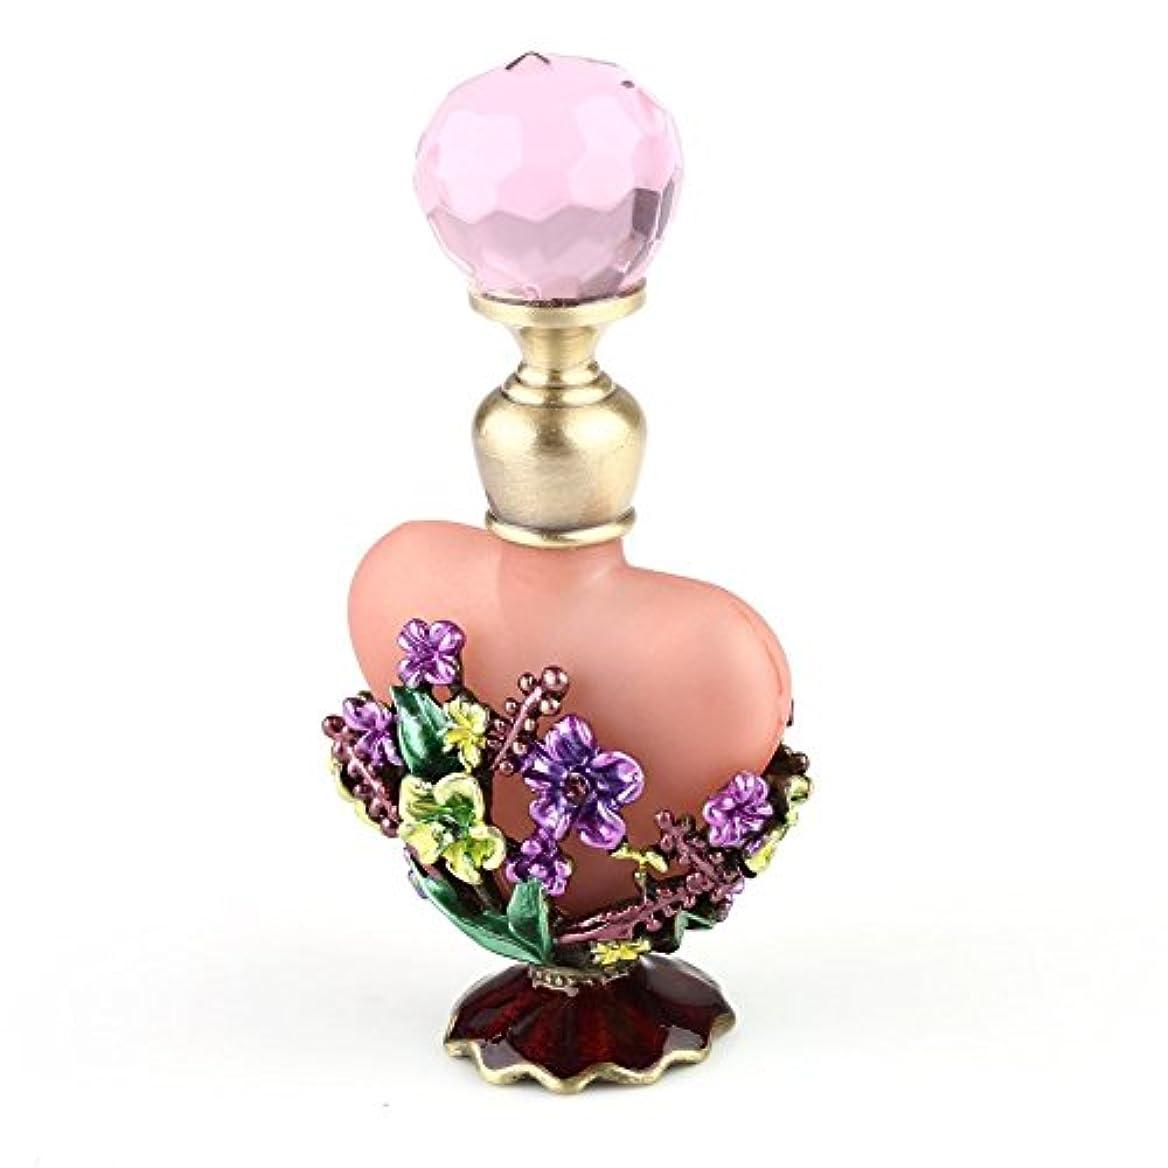 ヘルメット座標哀れなVERY100 高品質 美しい香水瓶/アロマボトル 5ML ピンク アロマオイル用瓶 綺麗アンティーク調フラワーデザイン プレゼント 結婚式 飾り